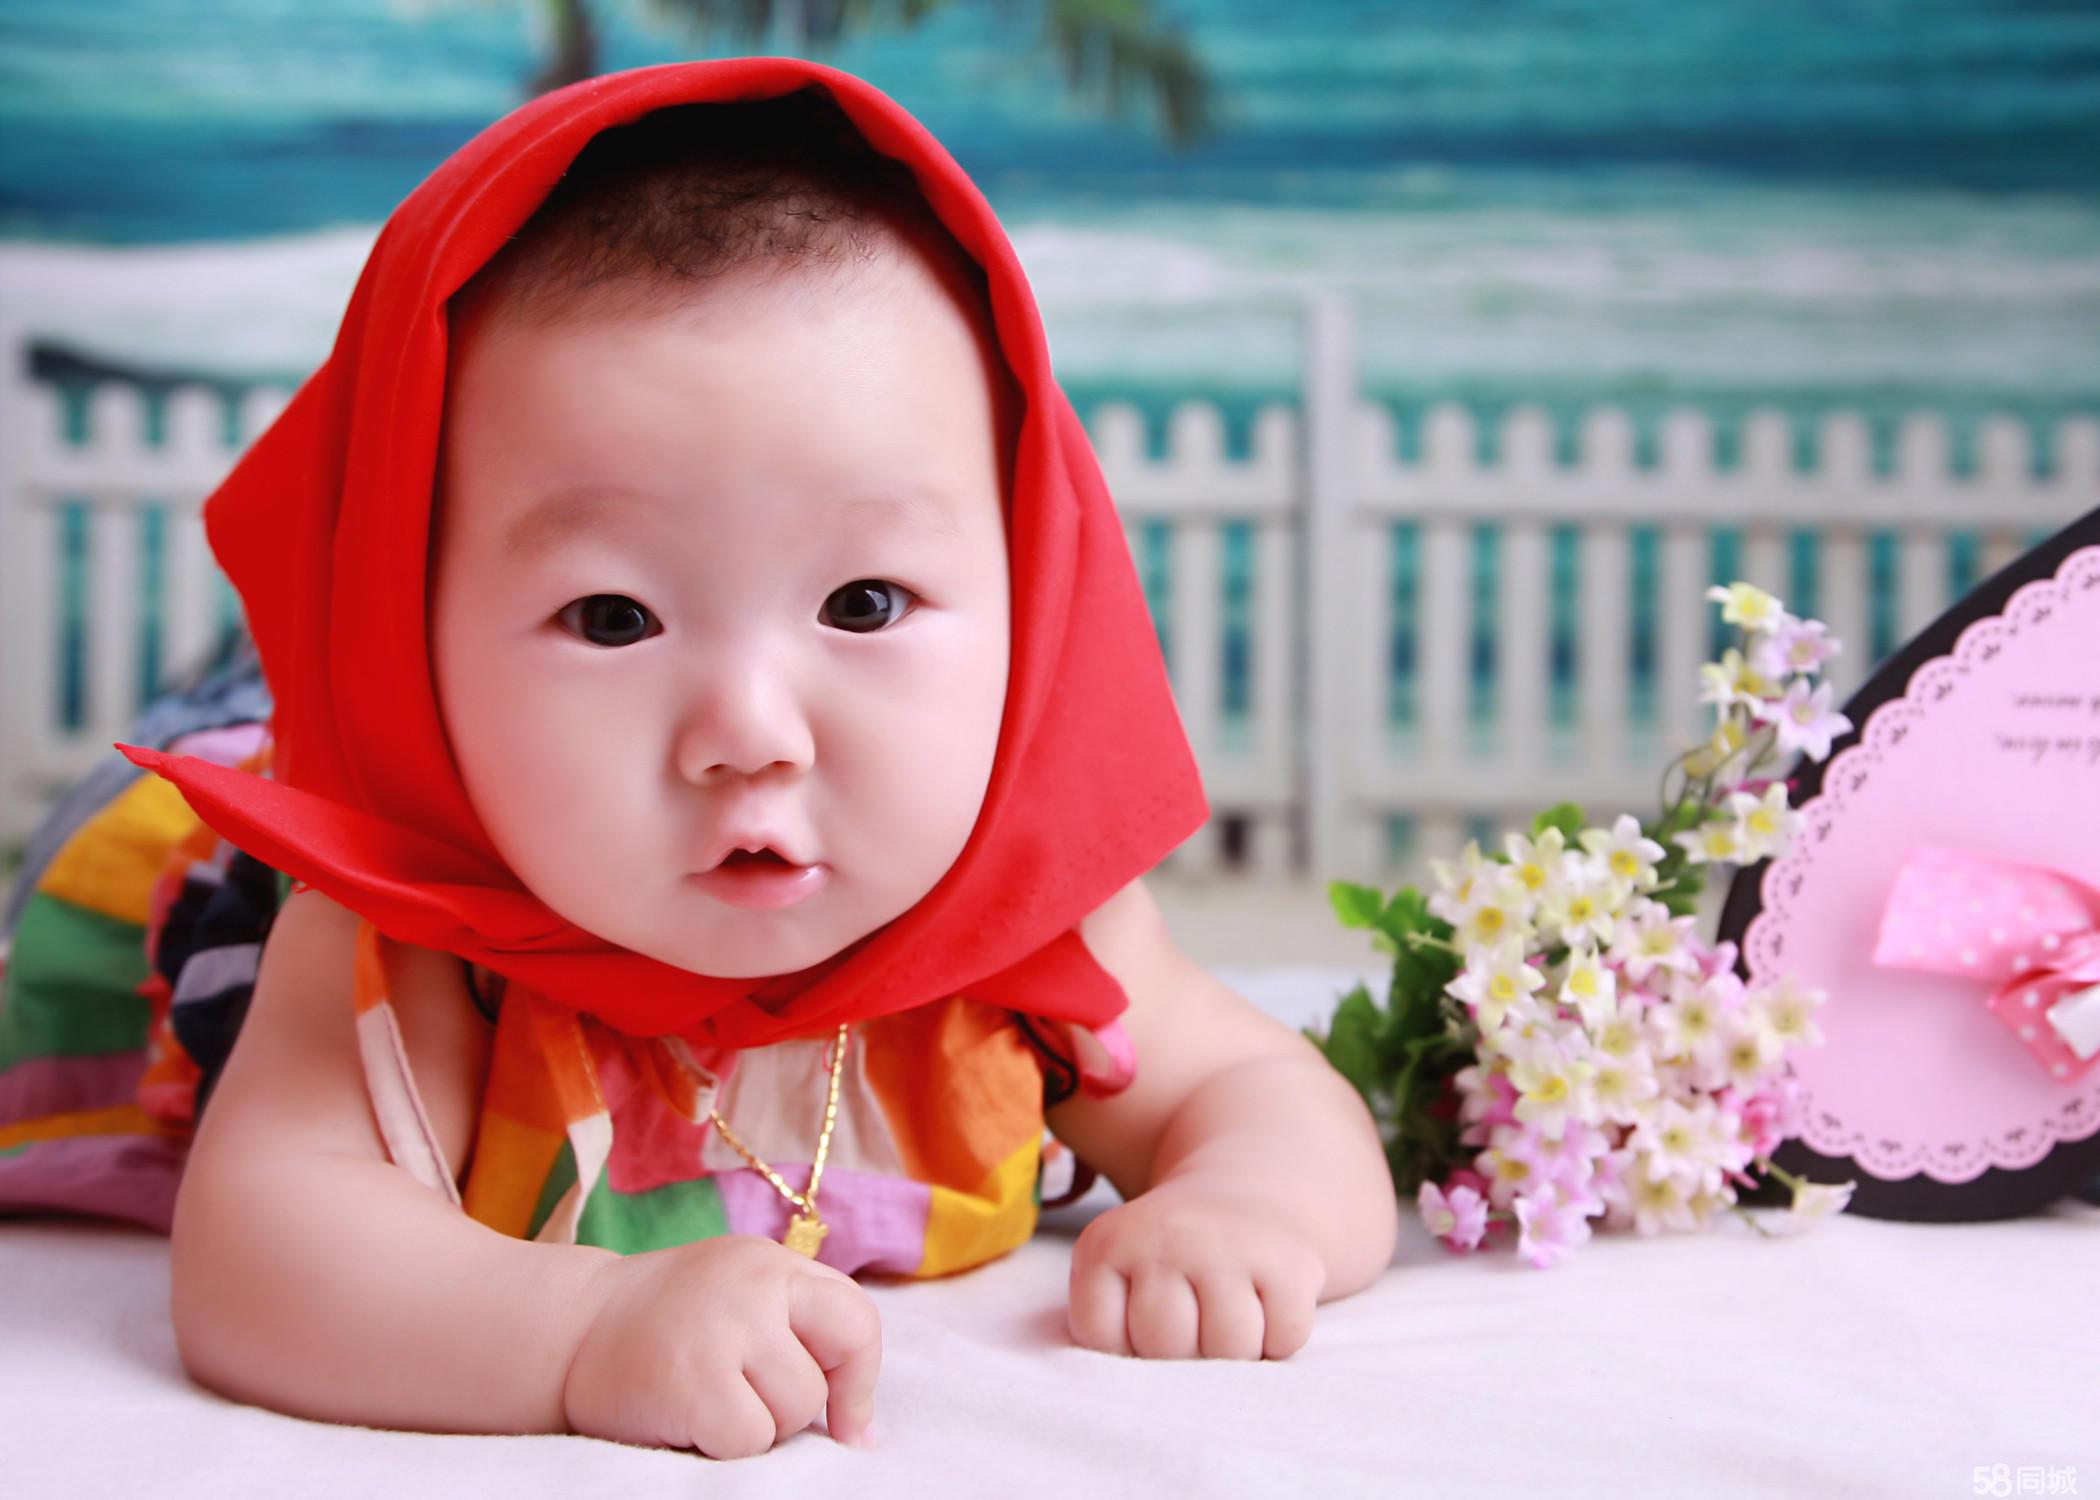 柳州阳光宝宝儿童摄影